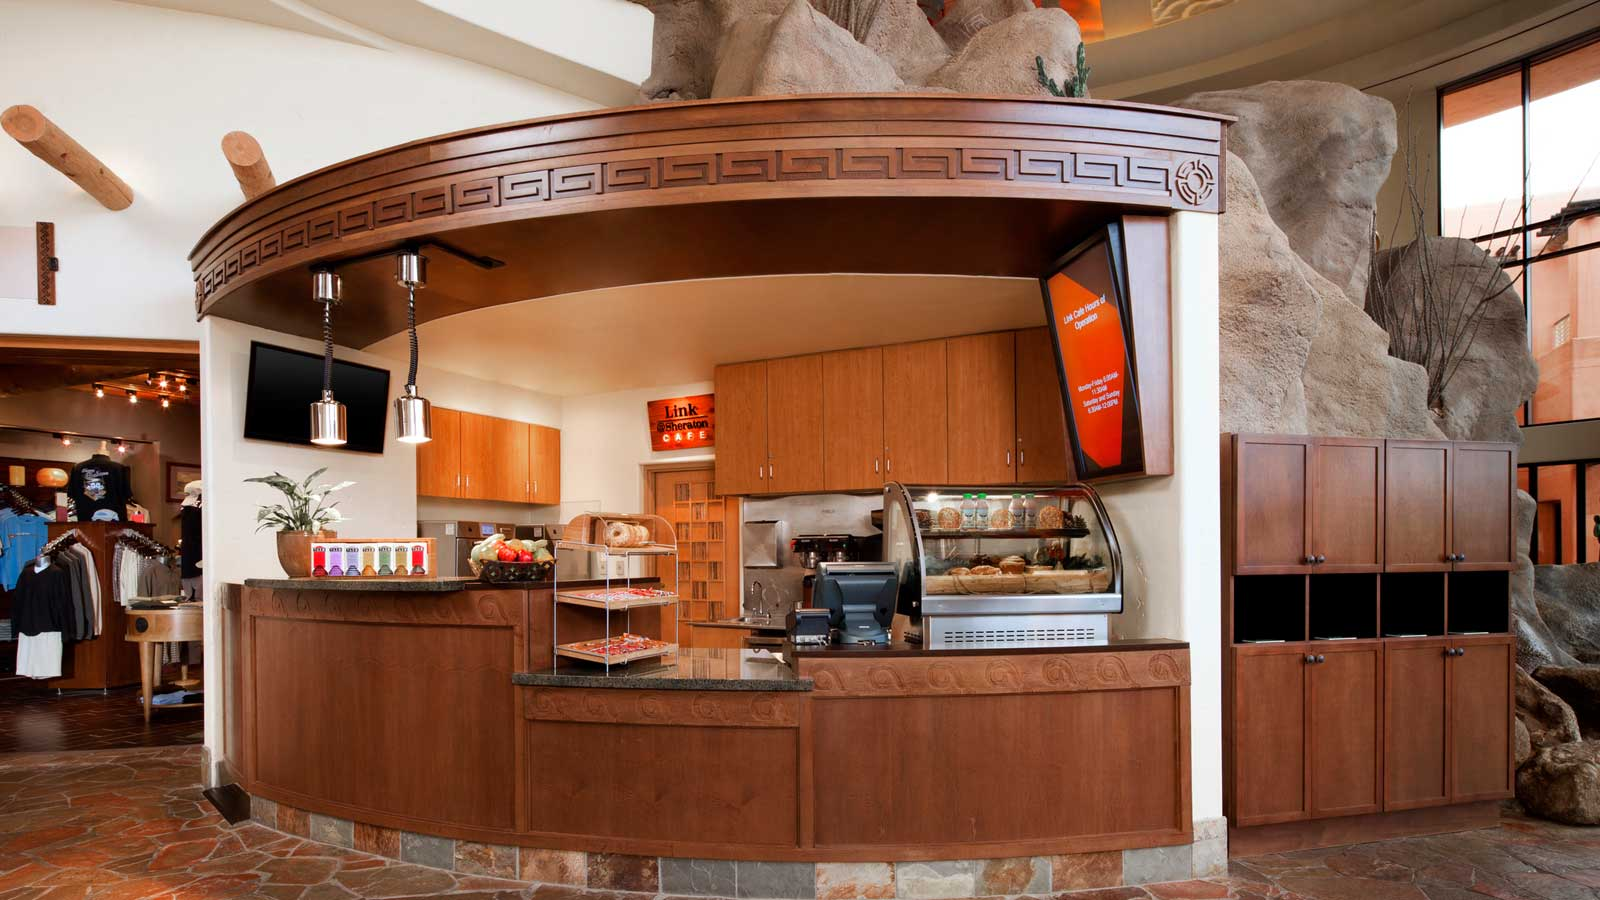 Link-Cafe.jpg